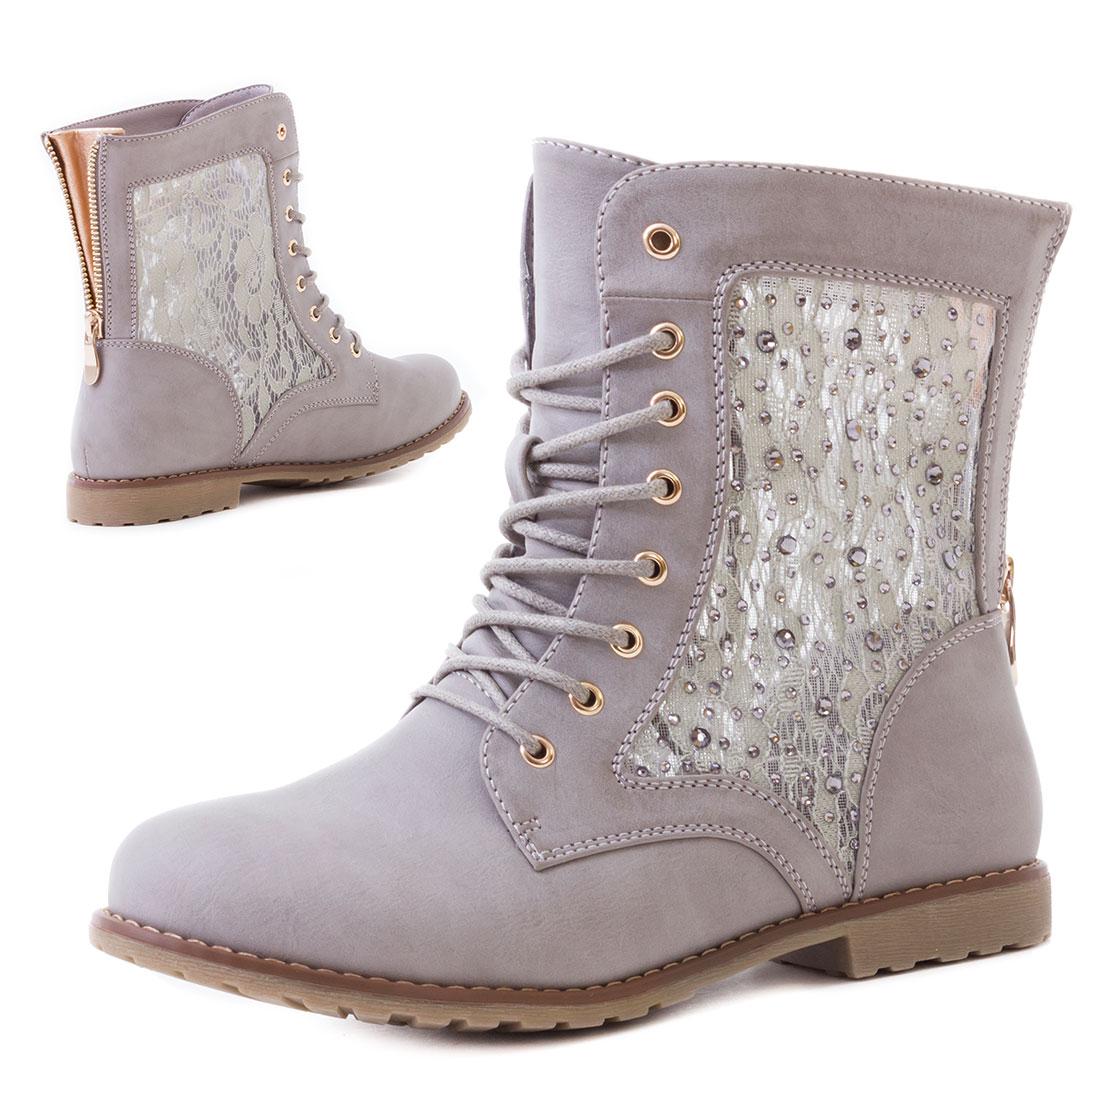 Damen-Worker-Boots-Stiefeletten-Schuhe-mit-Strass-Groesse-36-37-38-39-40-41-42-43